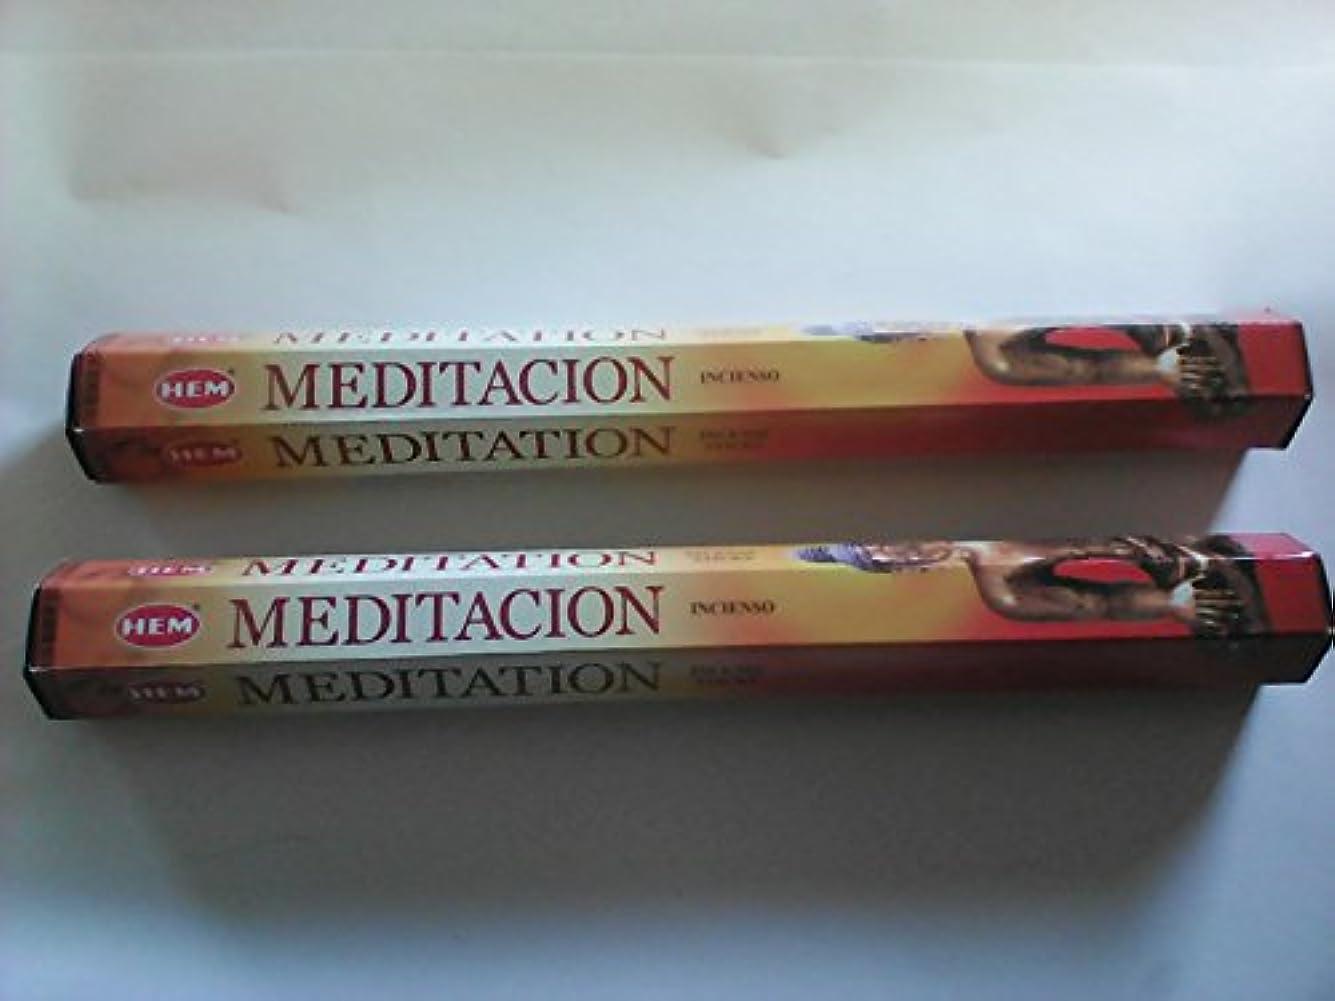 ありがたい欺金銭的なHemお香瞑想--- 20グラム-- 2パック